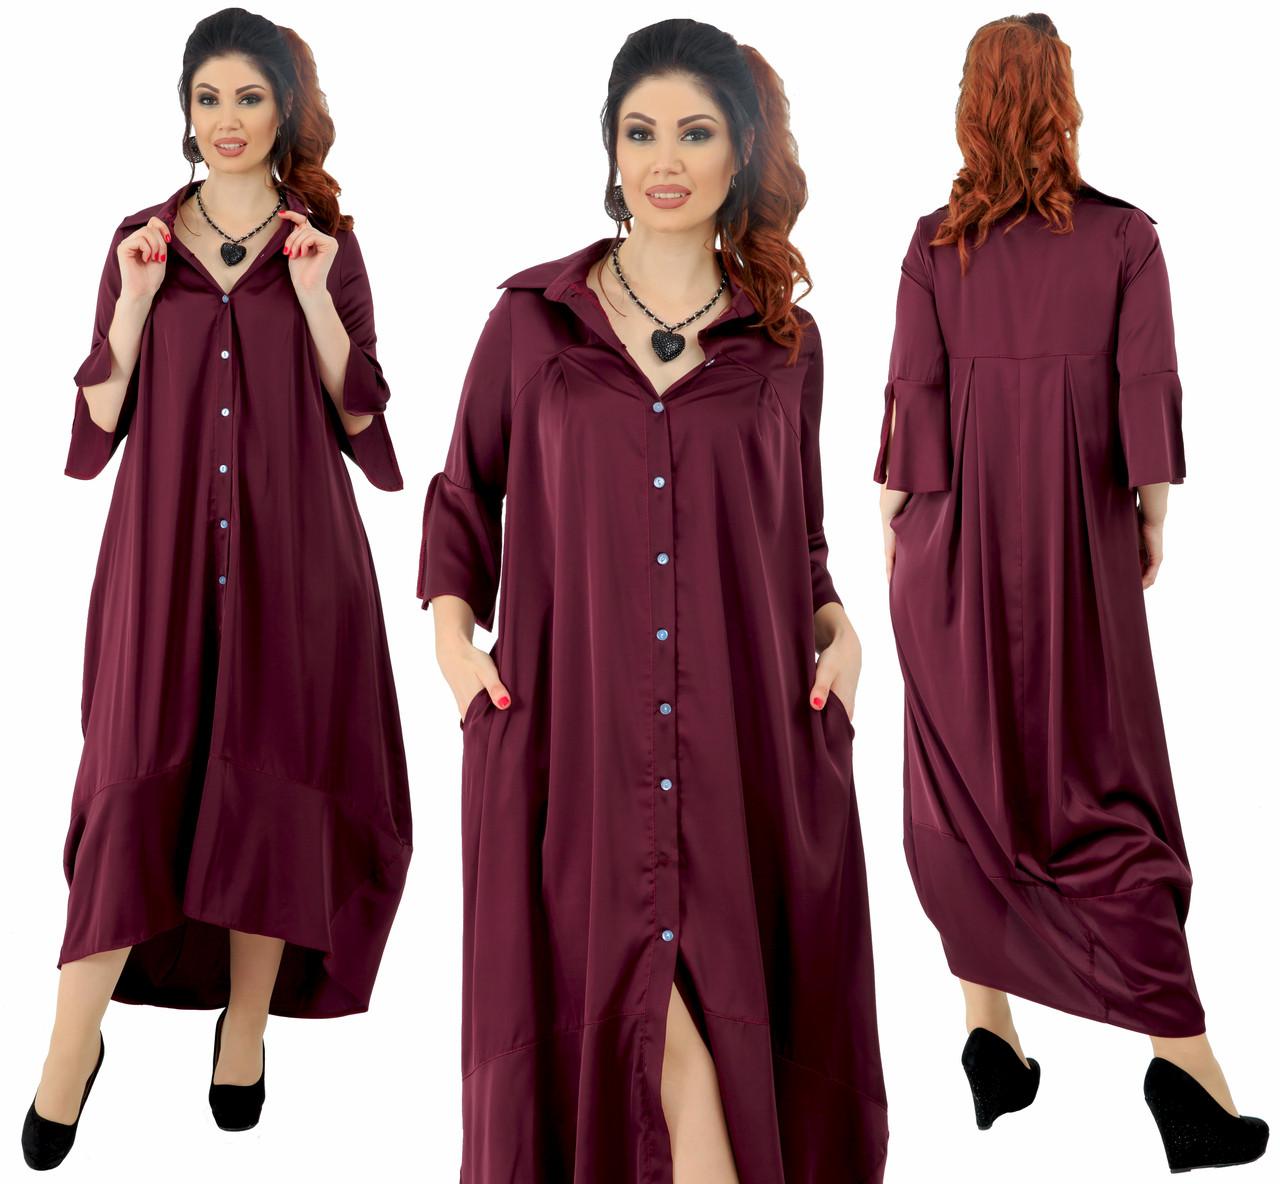 """Платье рубашка """"Эммануэль""""больших размеров от 48 до 54 асимметричного кроя код  92/89014"""